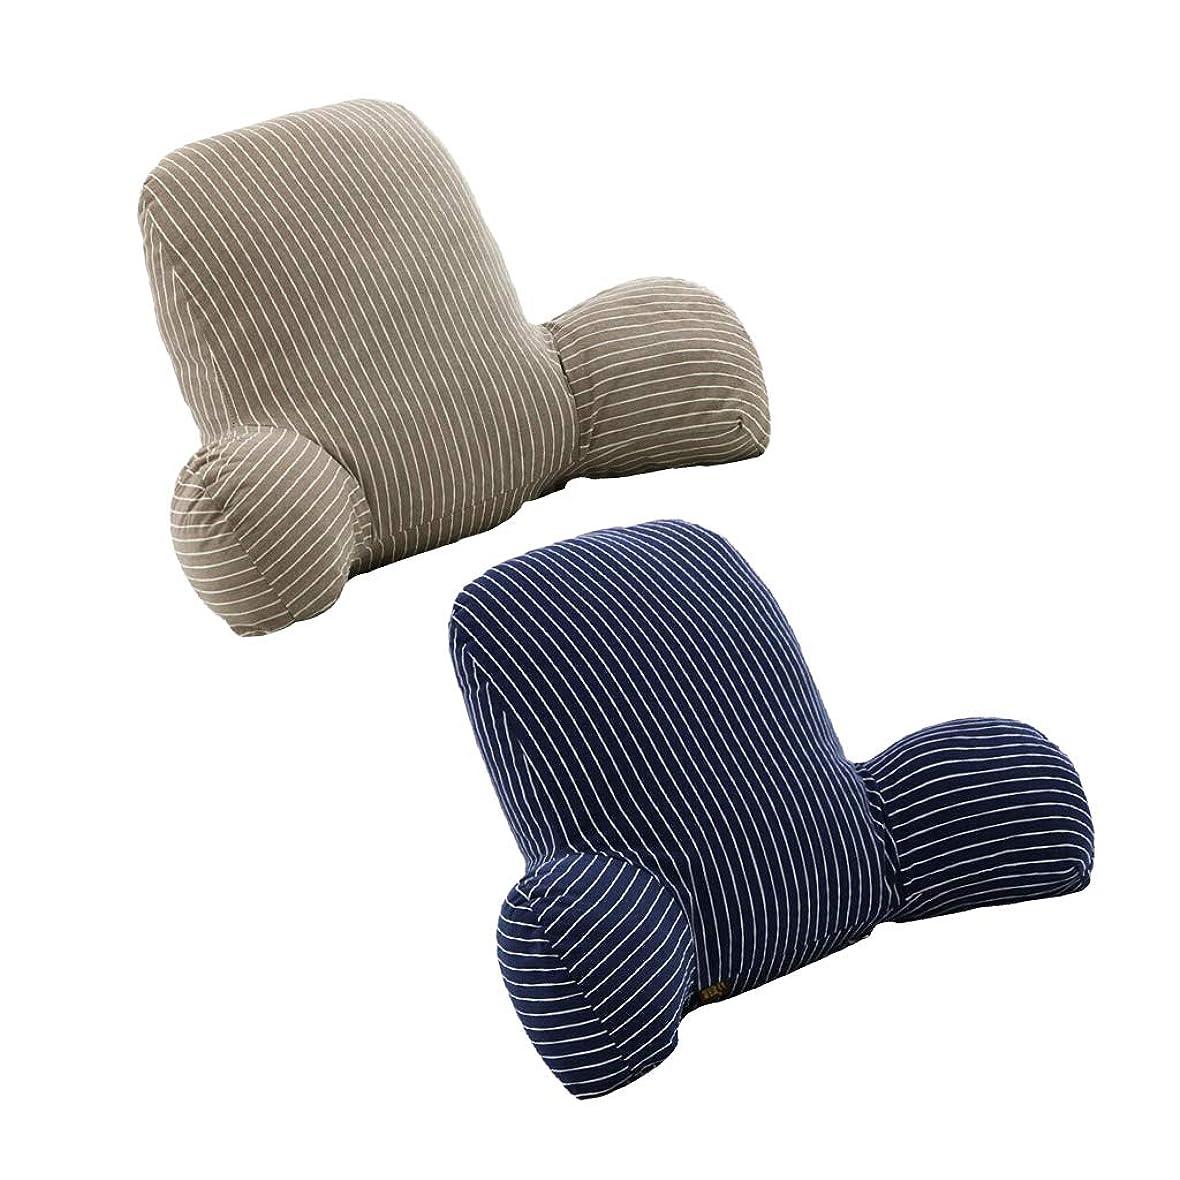 させるレッスンごみamleso 背中サポート 背もたれ 腰枕 オフィス 椅子 車用 リラックスクッション カバー洗える 2個